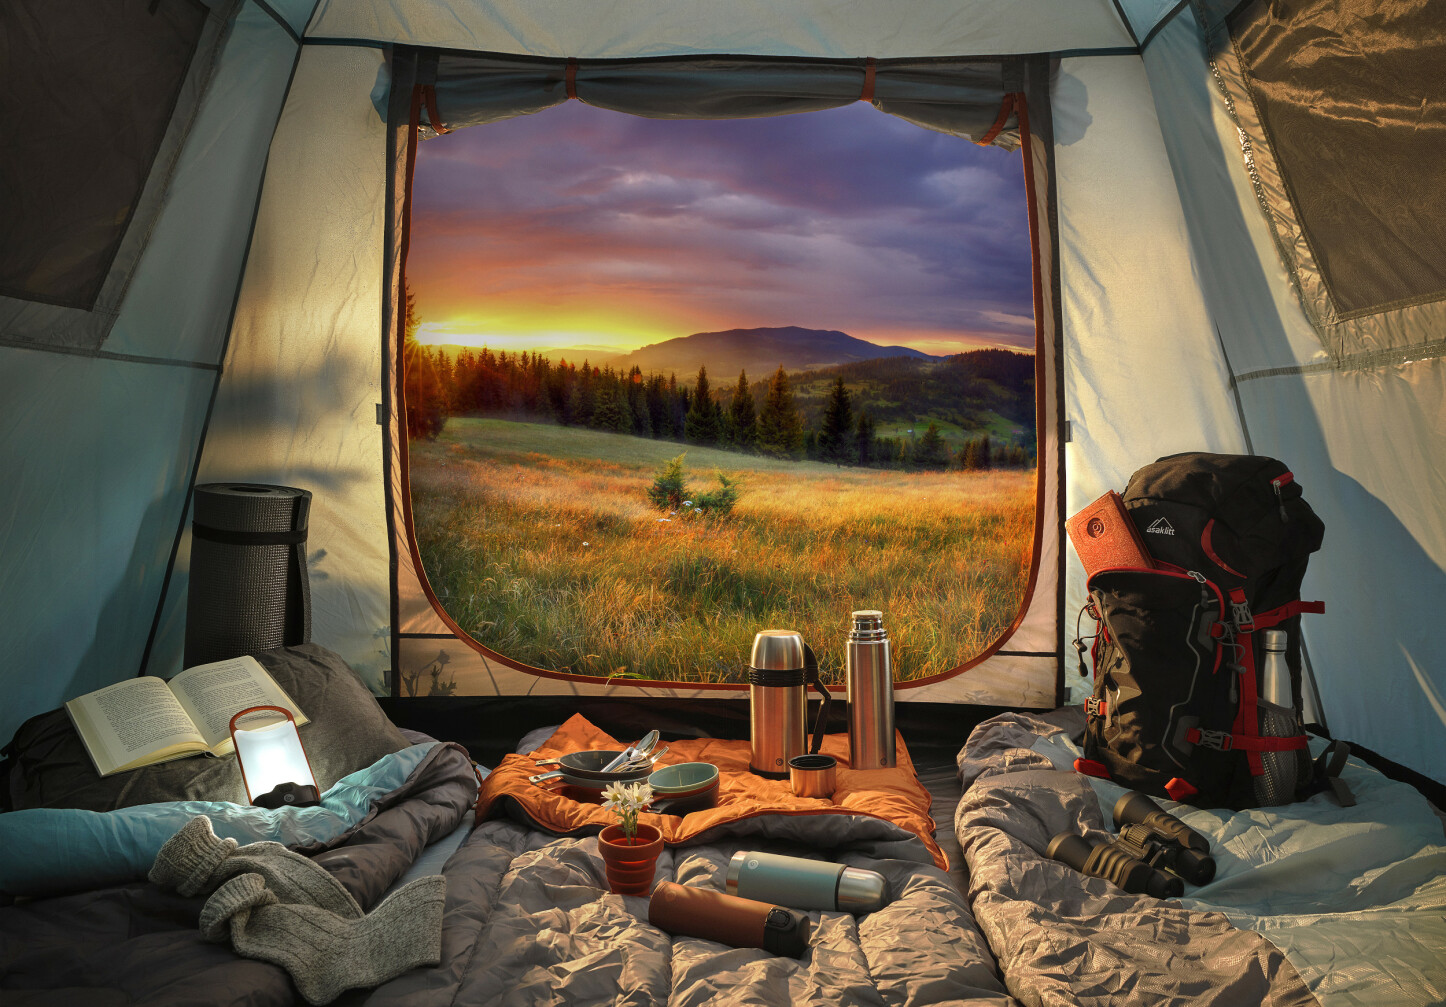 UT PÅ TUR: Med et godt sted å campe og riktig utstyr, kan du lett forvandle helga eller fridagen til et øyeblikk å huske.